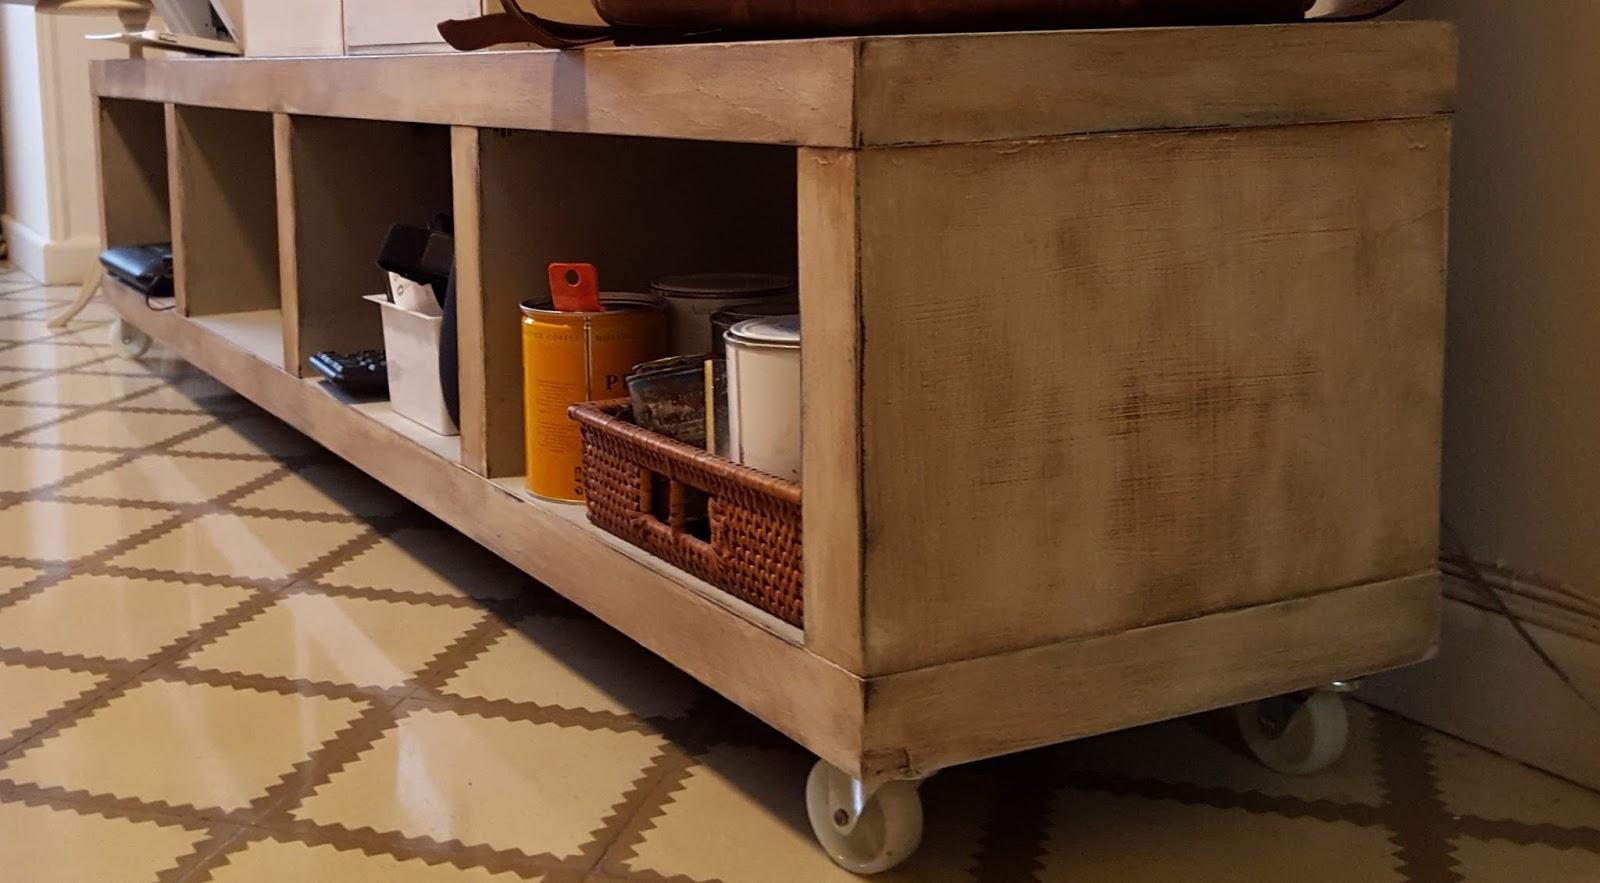 Candini muebles pintados nuevos y redecorados for Pintar muebles de ikea